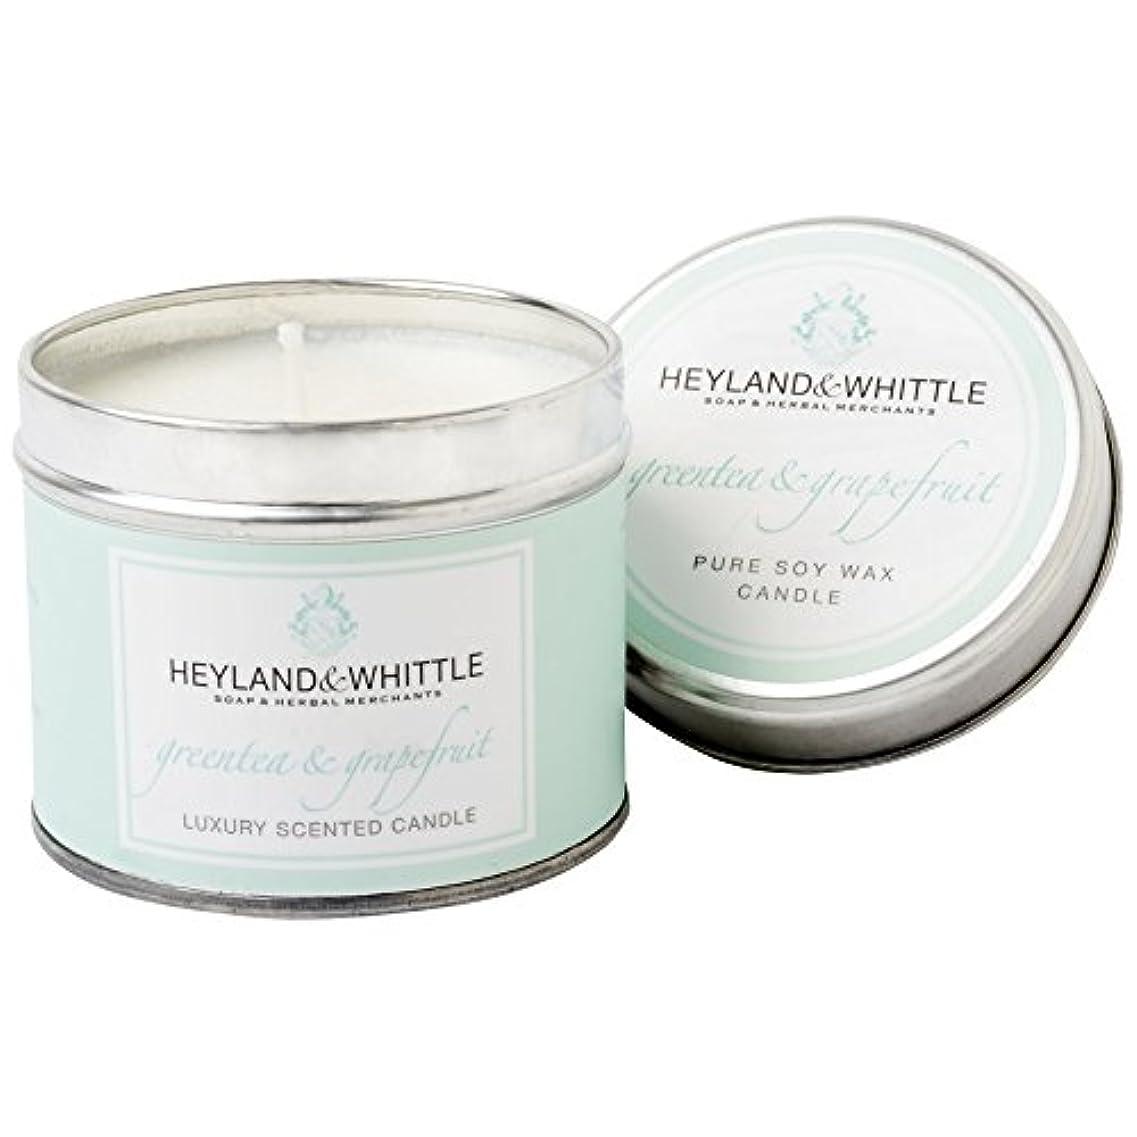 考えた弾薬ユーザーHeyland & Whittle Green Tea and Grapefruit Candle Tin (Pack of 2) - Heyland&削る緑茶とグレープフルーツキャンドルスズ (Heyland & Whittle...